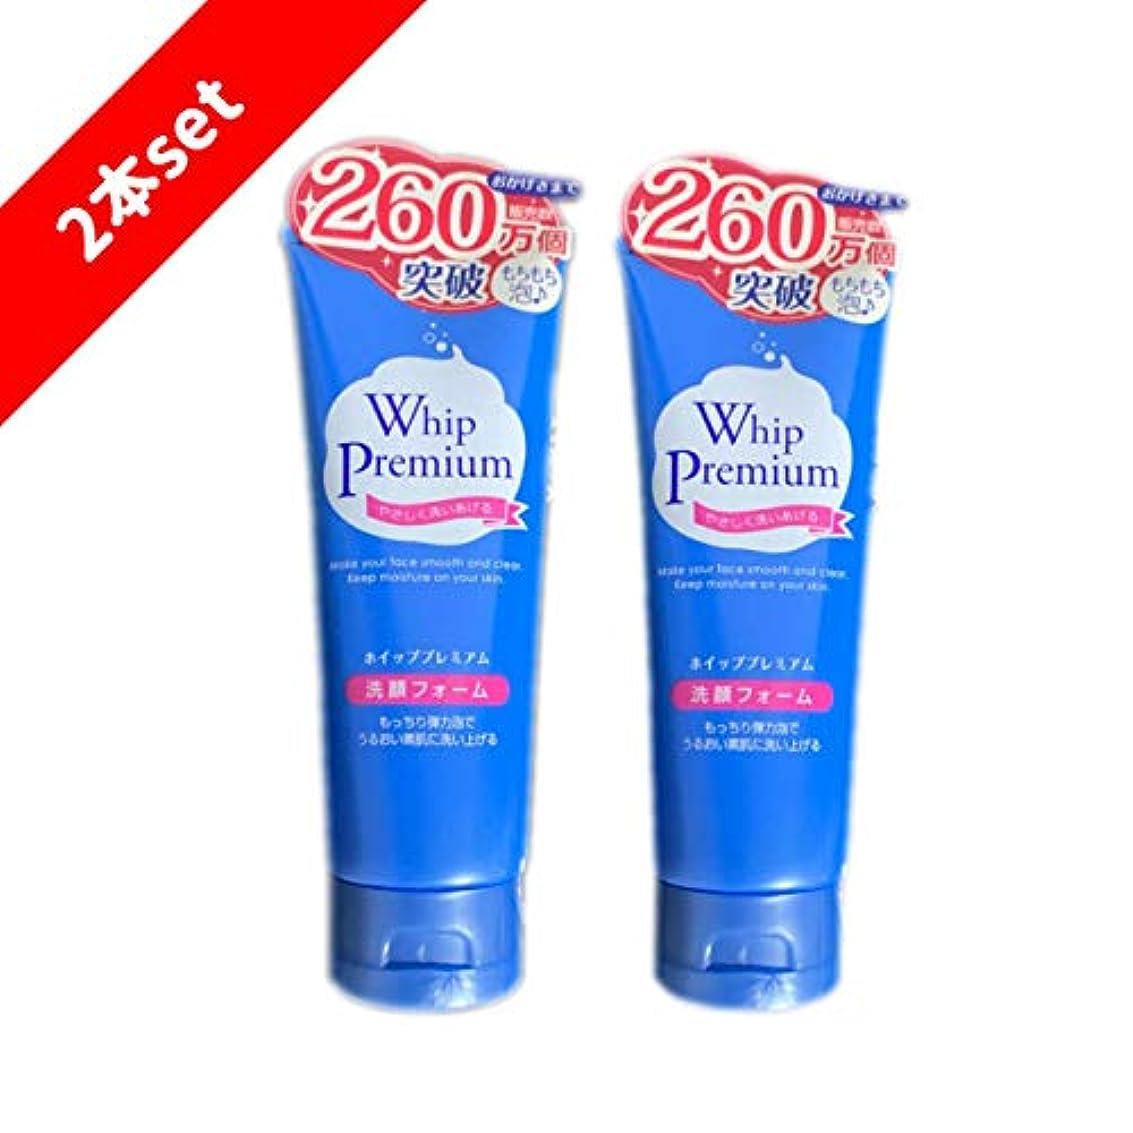 ペンダントうまれた破壊的なホイッププレミマム 洗顔フォーム お得な2本セット(Whip Premium) 140g もちもち泡洗顔